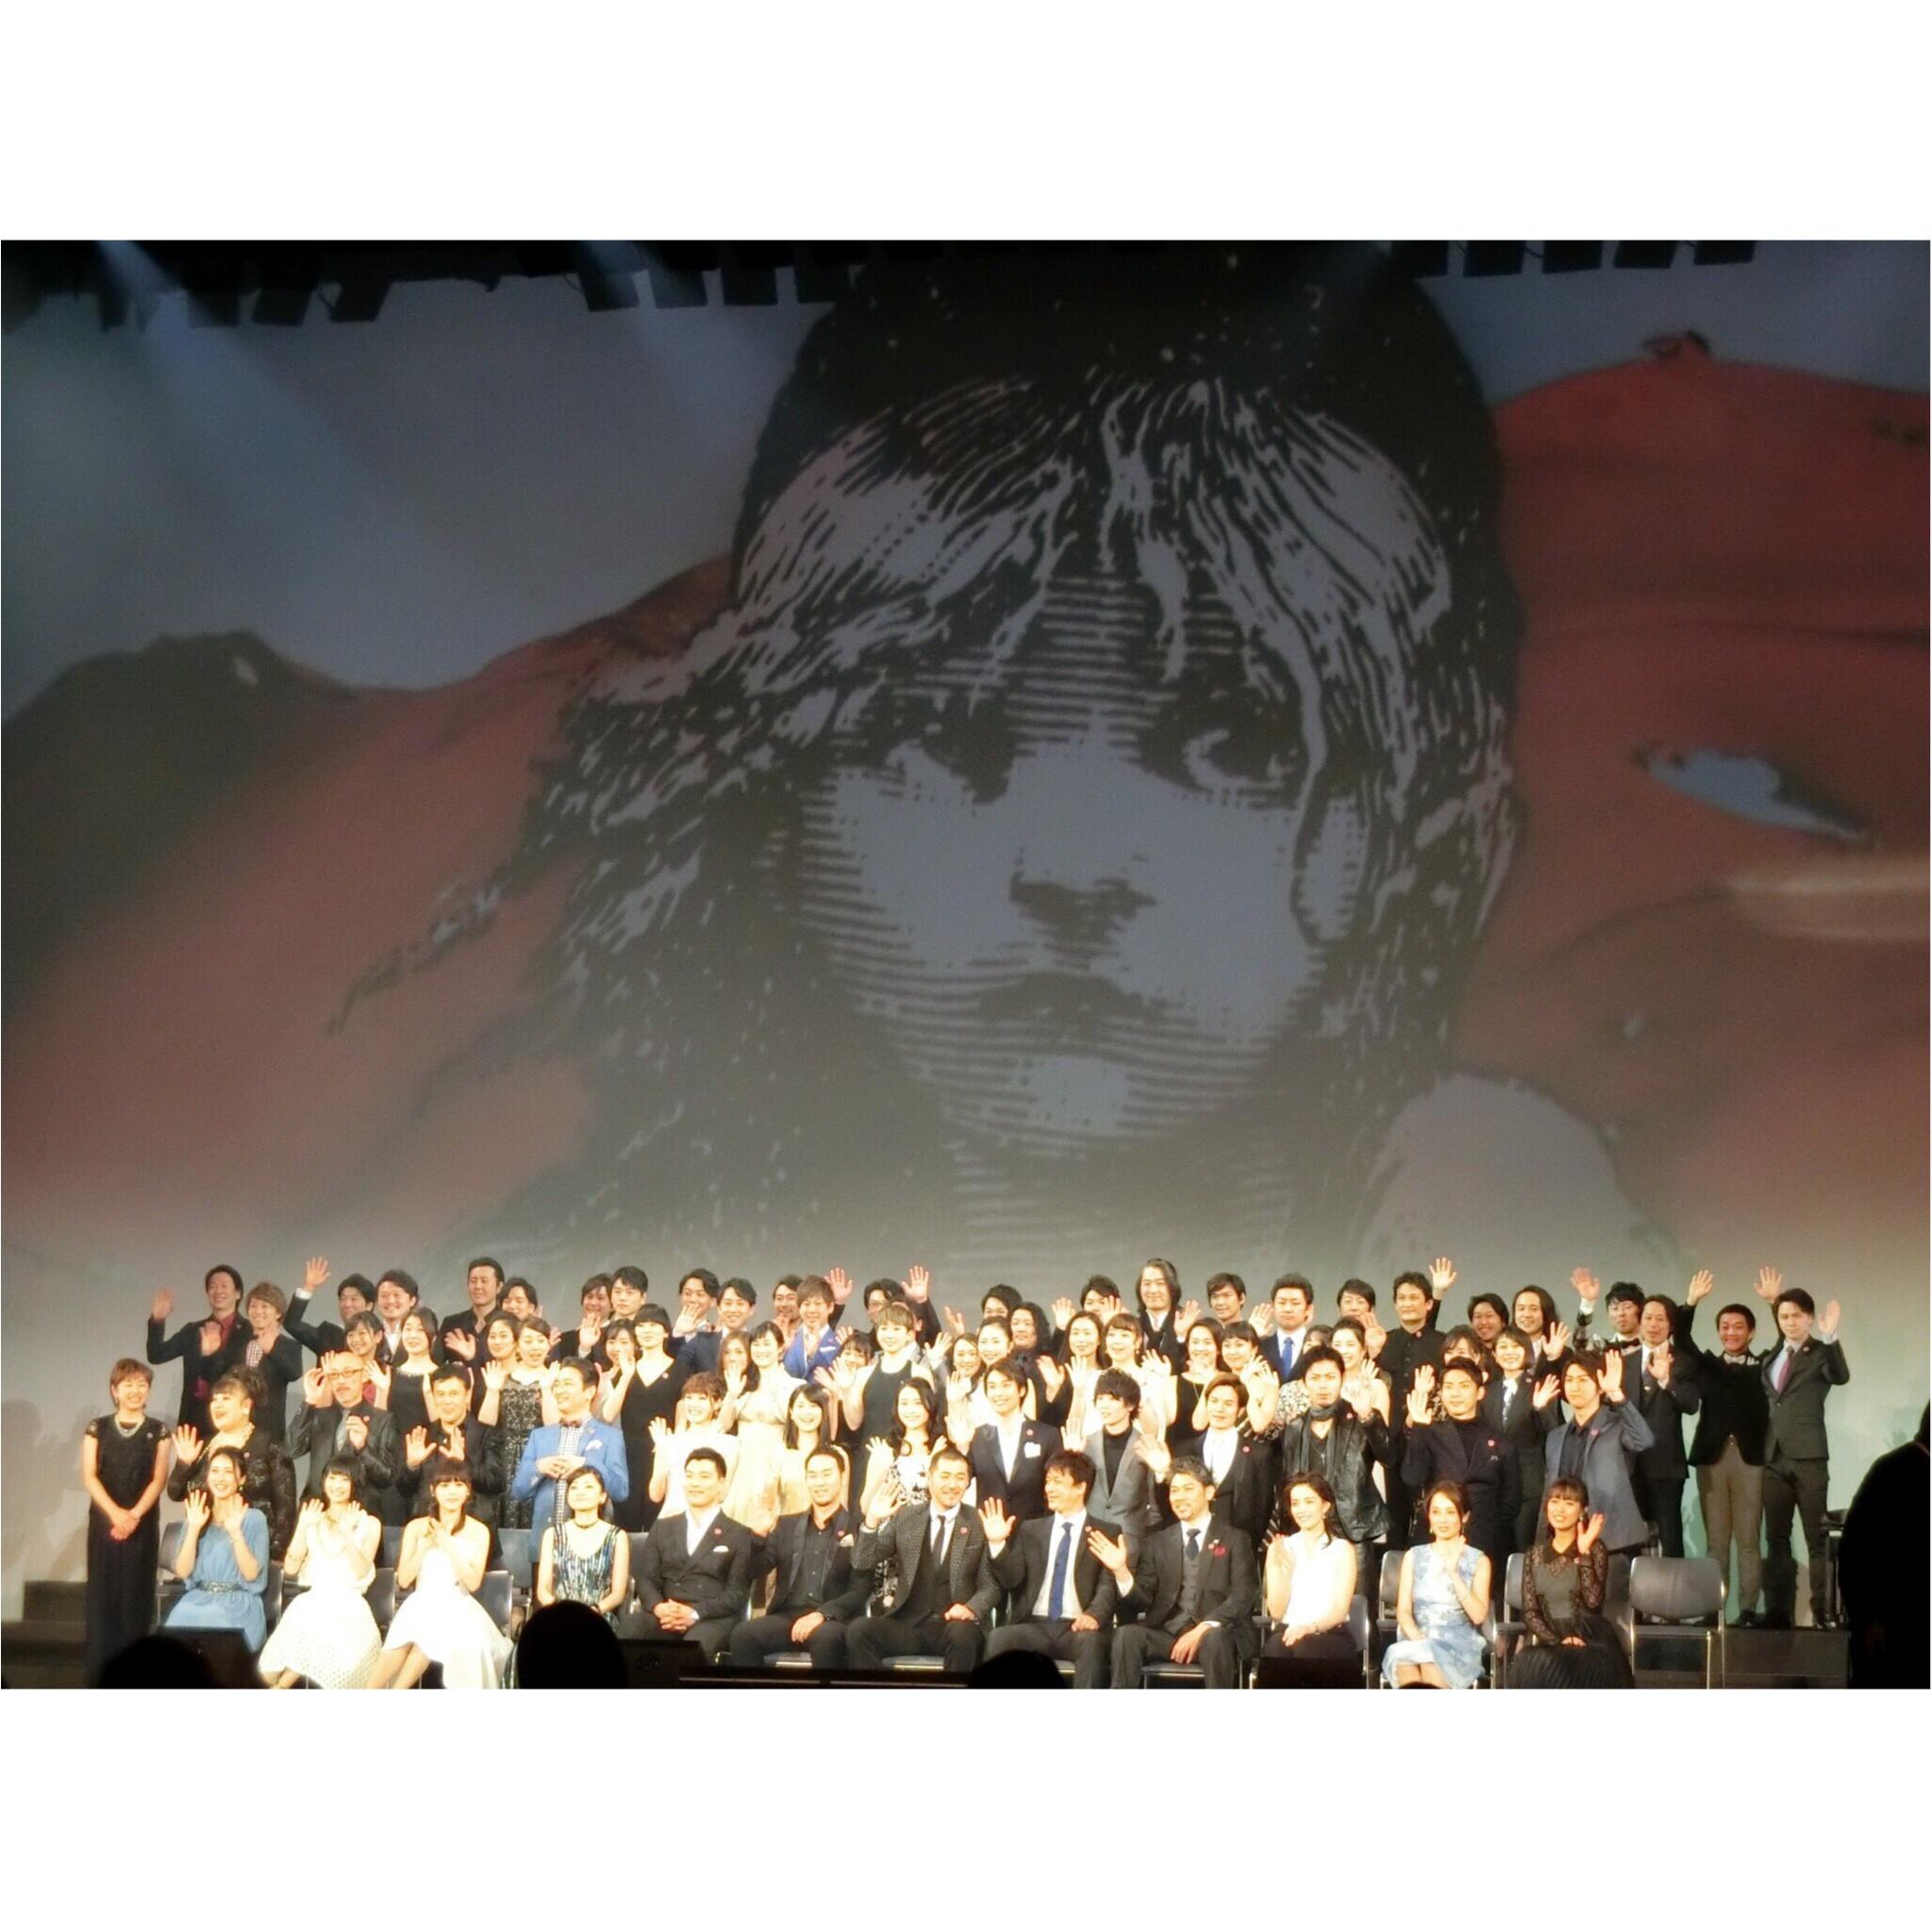 ▷2017年帝国劇場ミュージカル「Les Misérables」の迫力を一足お先に体感して来ました✨_1